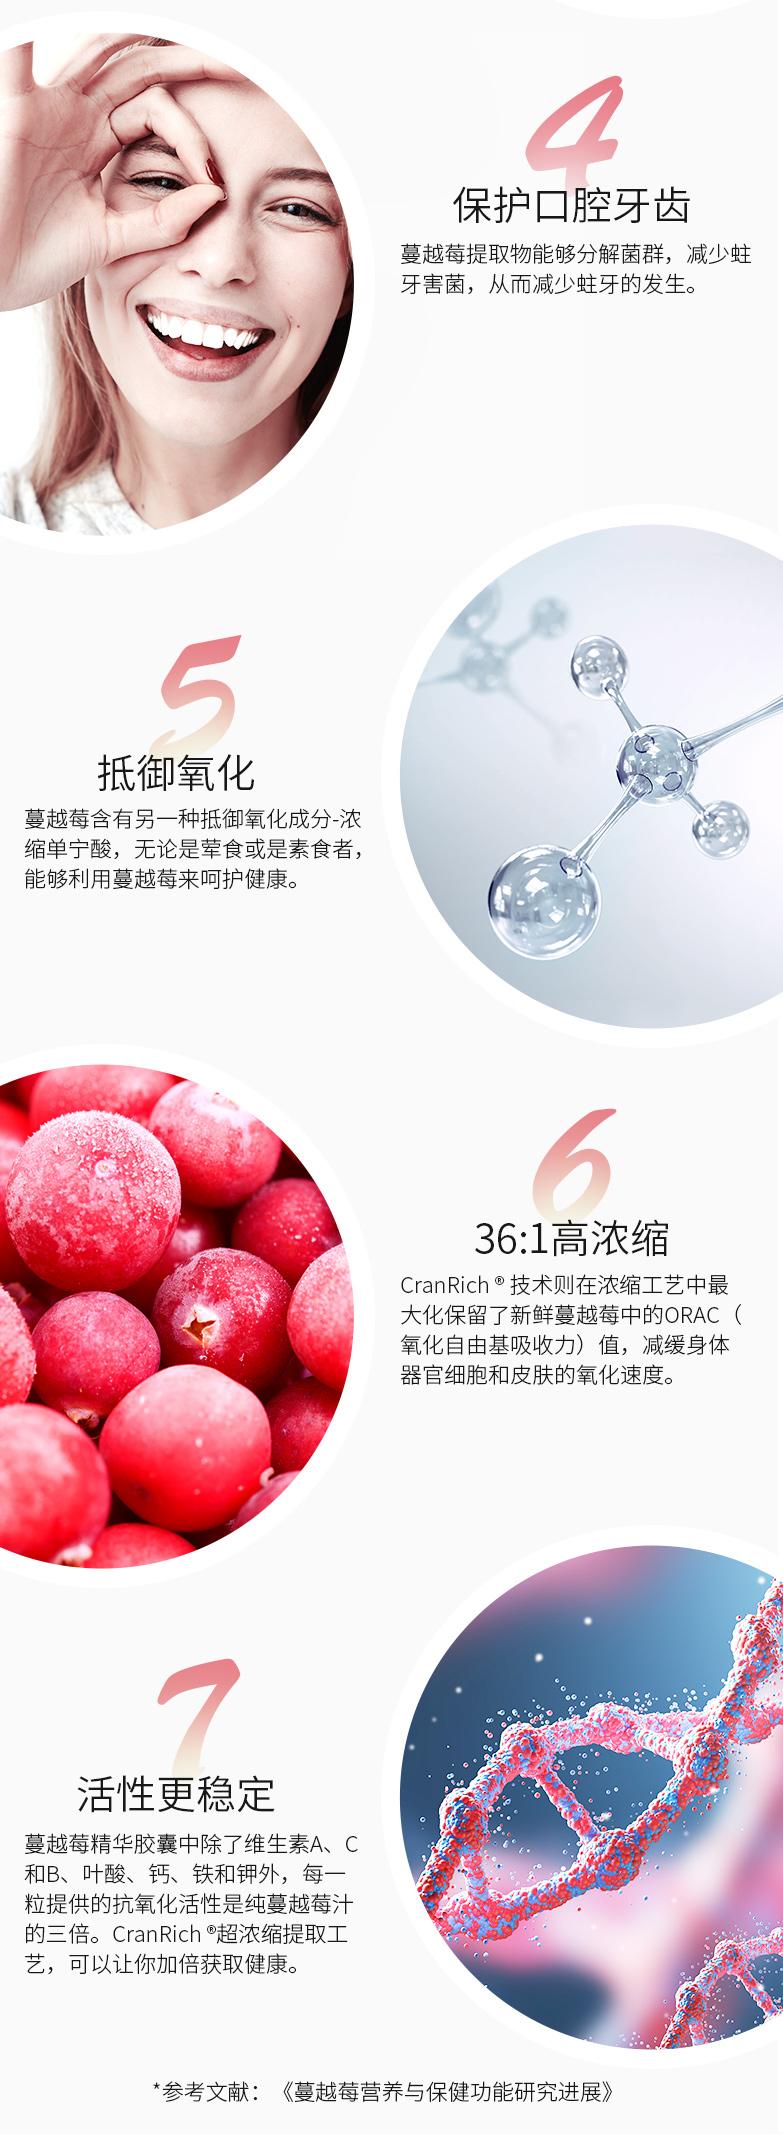 加拿大维生能 蔓越莓精华90粒/瓶